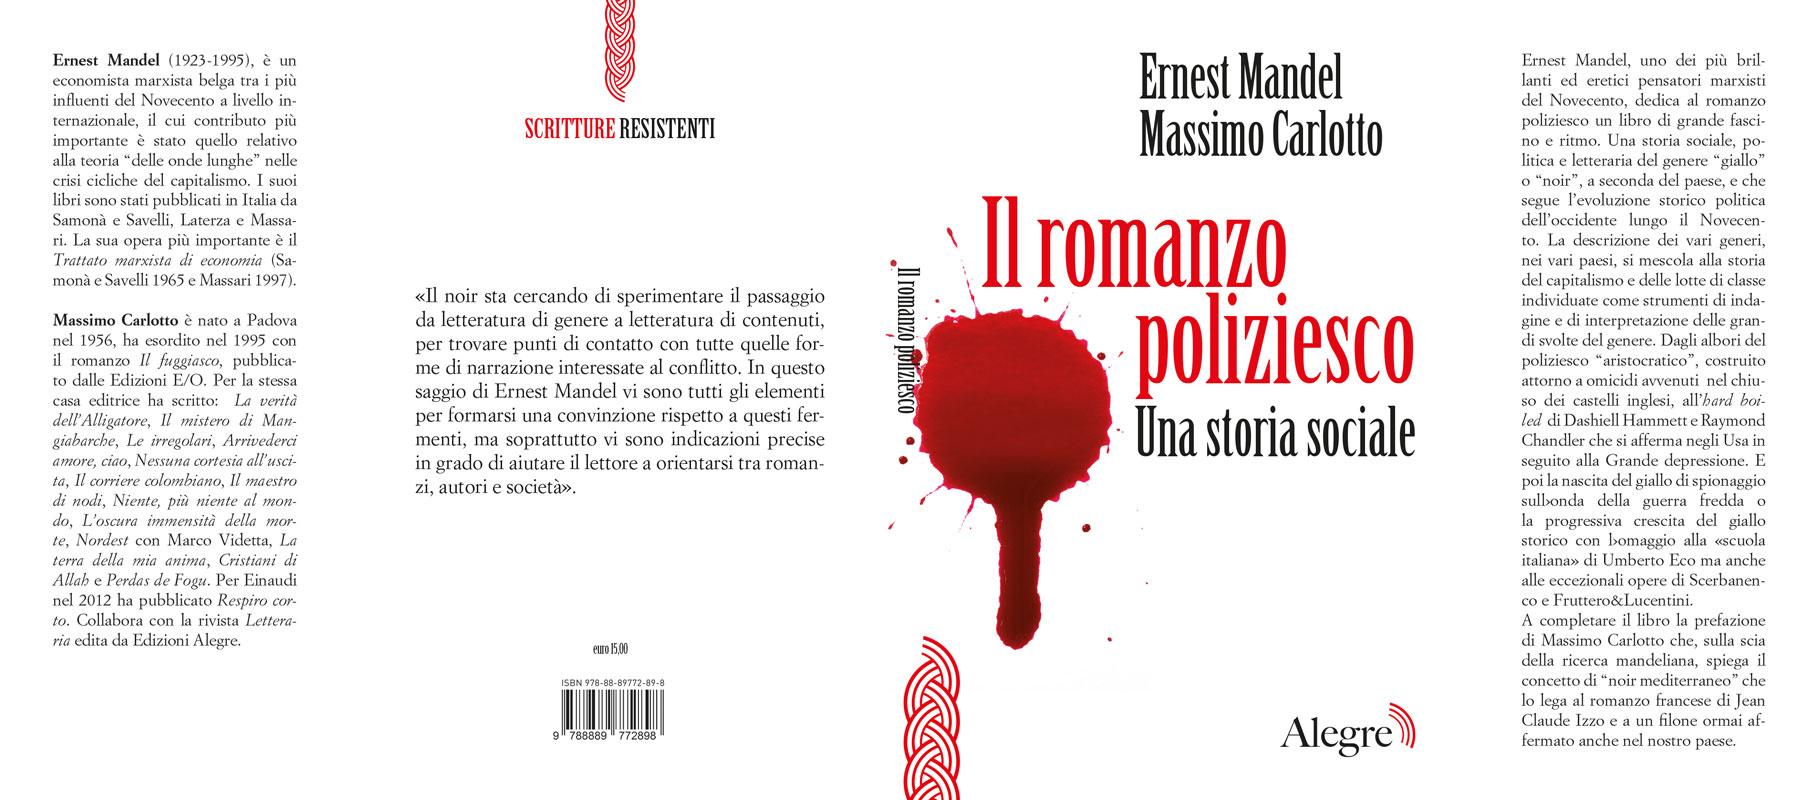 Ernest Mandel, Il romanzo poliziesco, stesa